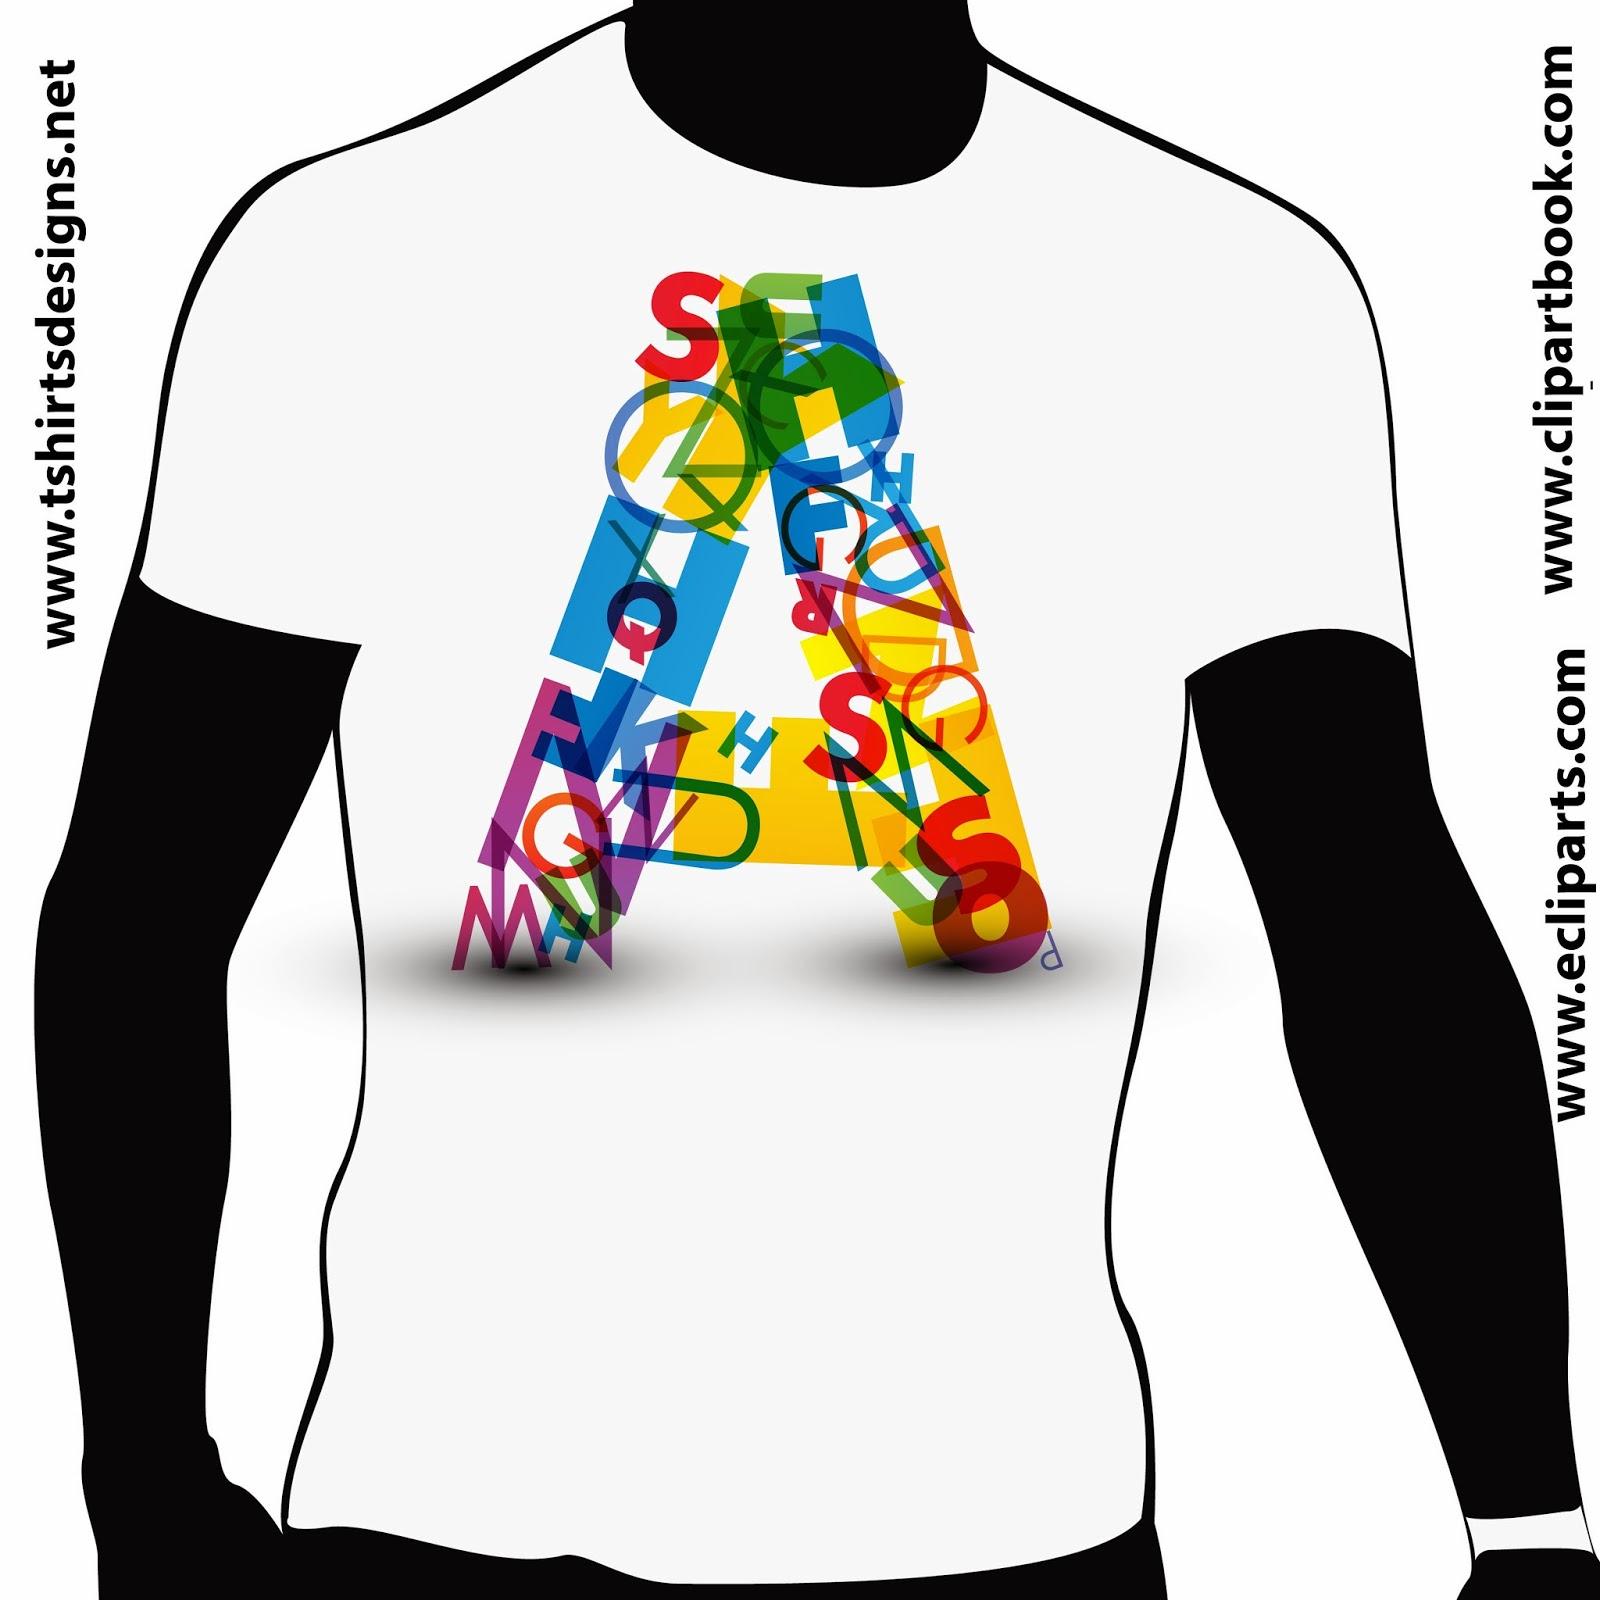 shirt design concept jersey t shirts tee shirt forward t shirt design